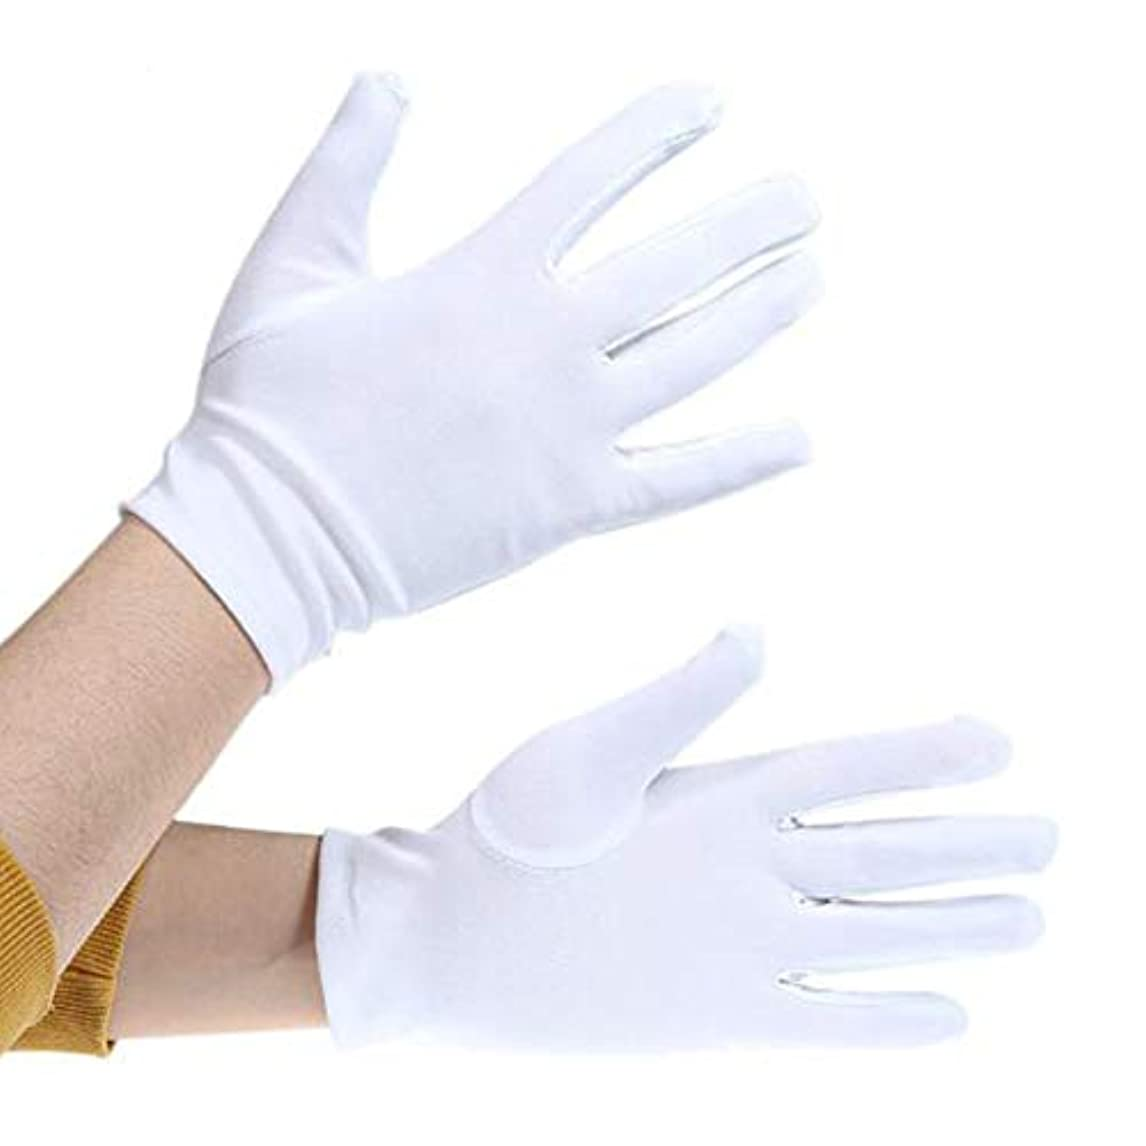 彫るきしむ巡礼者白手袋薄 礼装用 ジュエリーグローブ時計 貴金属 宝石 接客用 品質管理用 作業用手ぶくろ,保護着用者